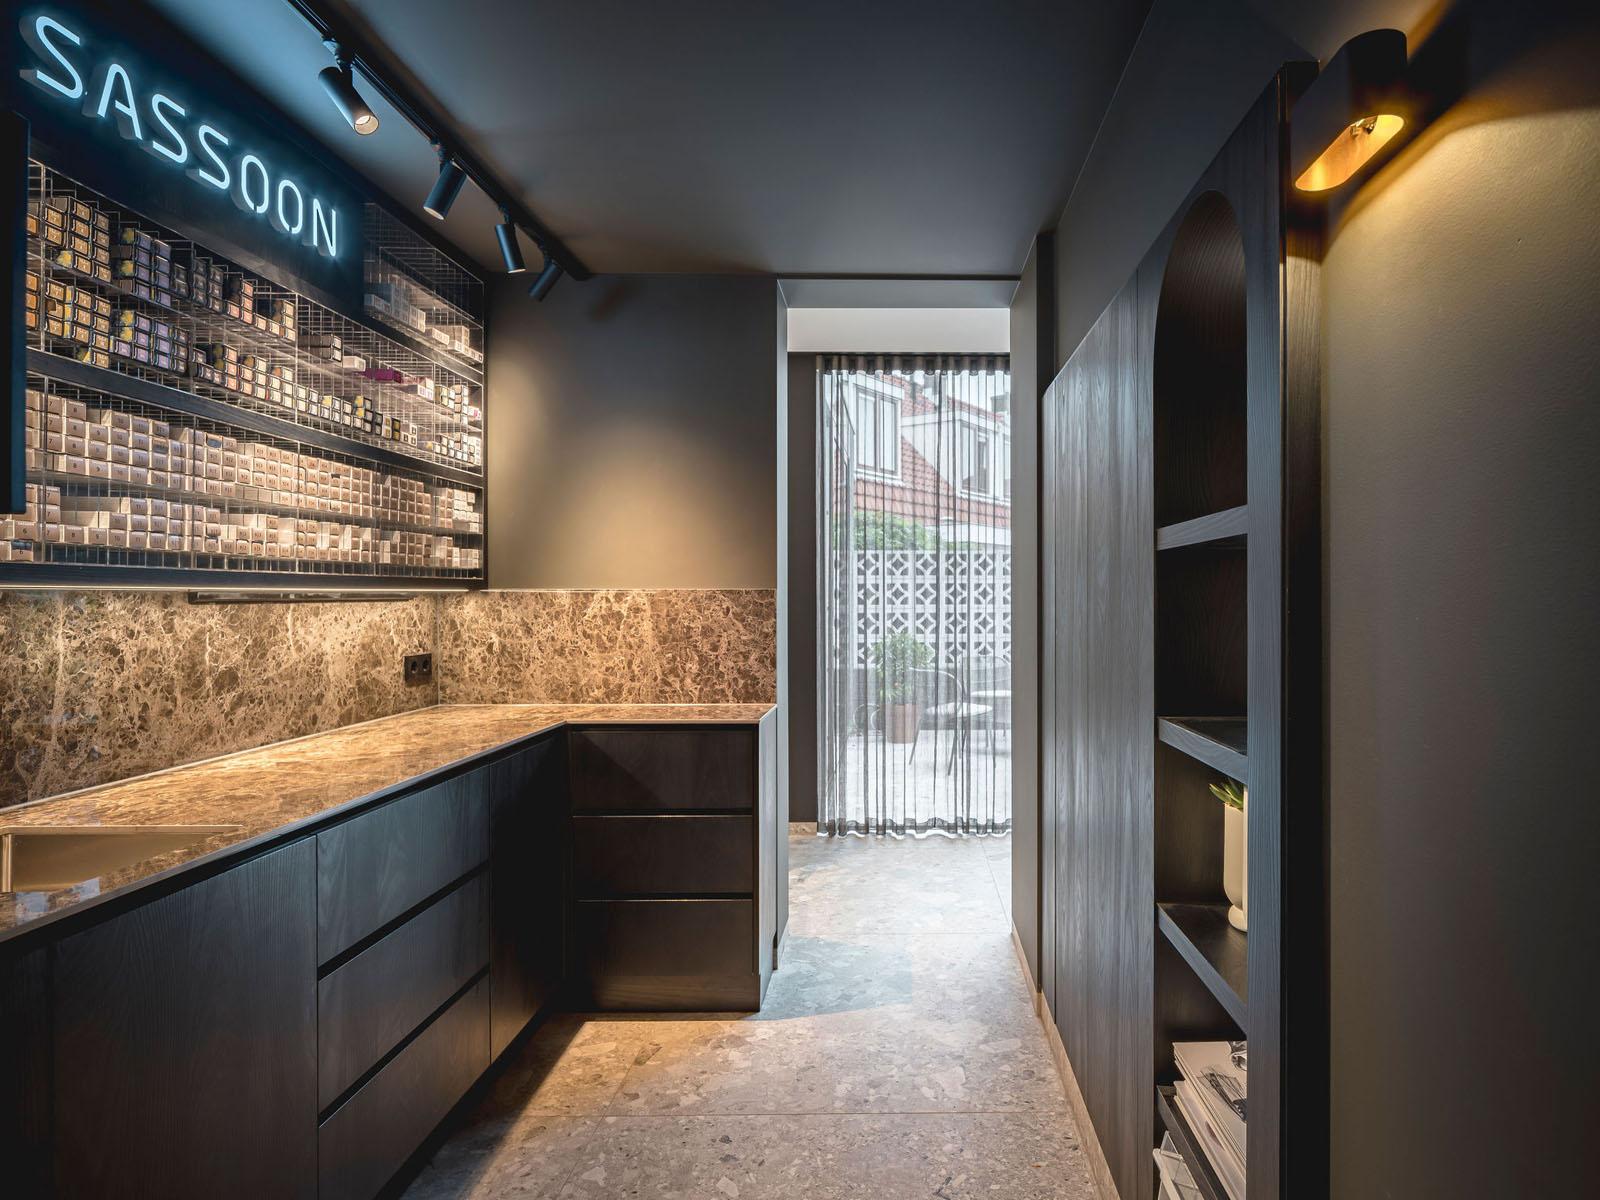 salon bosman brutalism jeroen de nijs bni colour kitchen